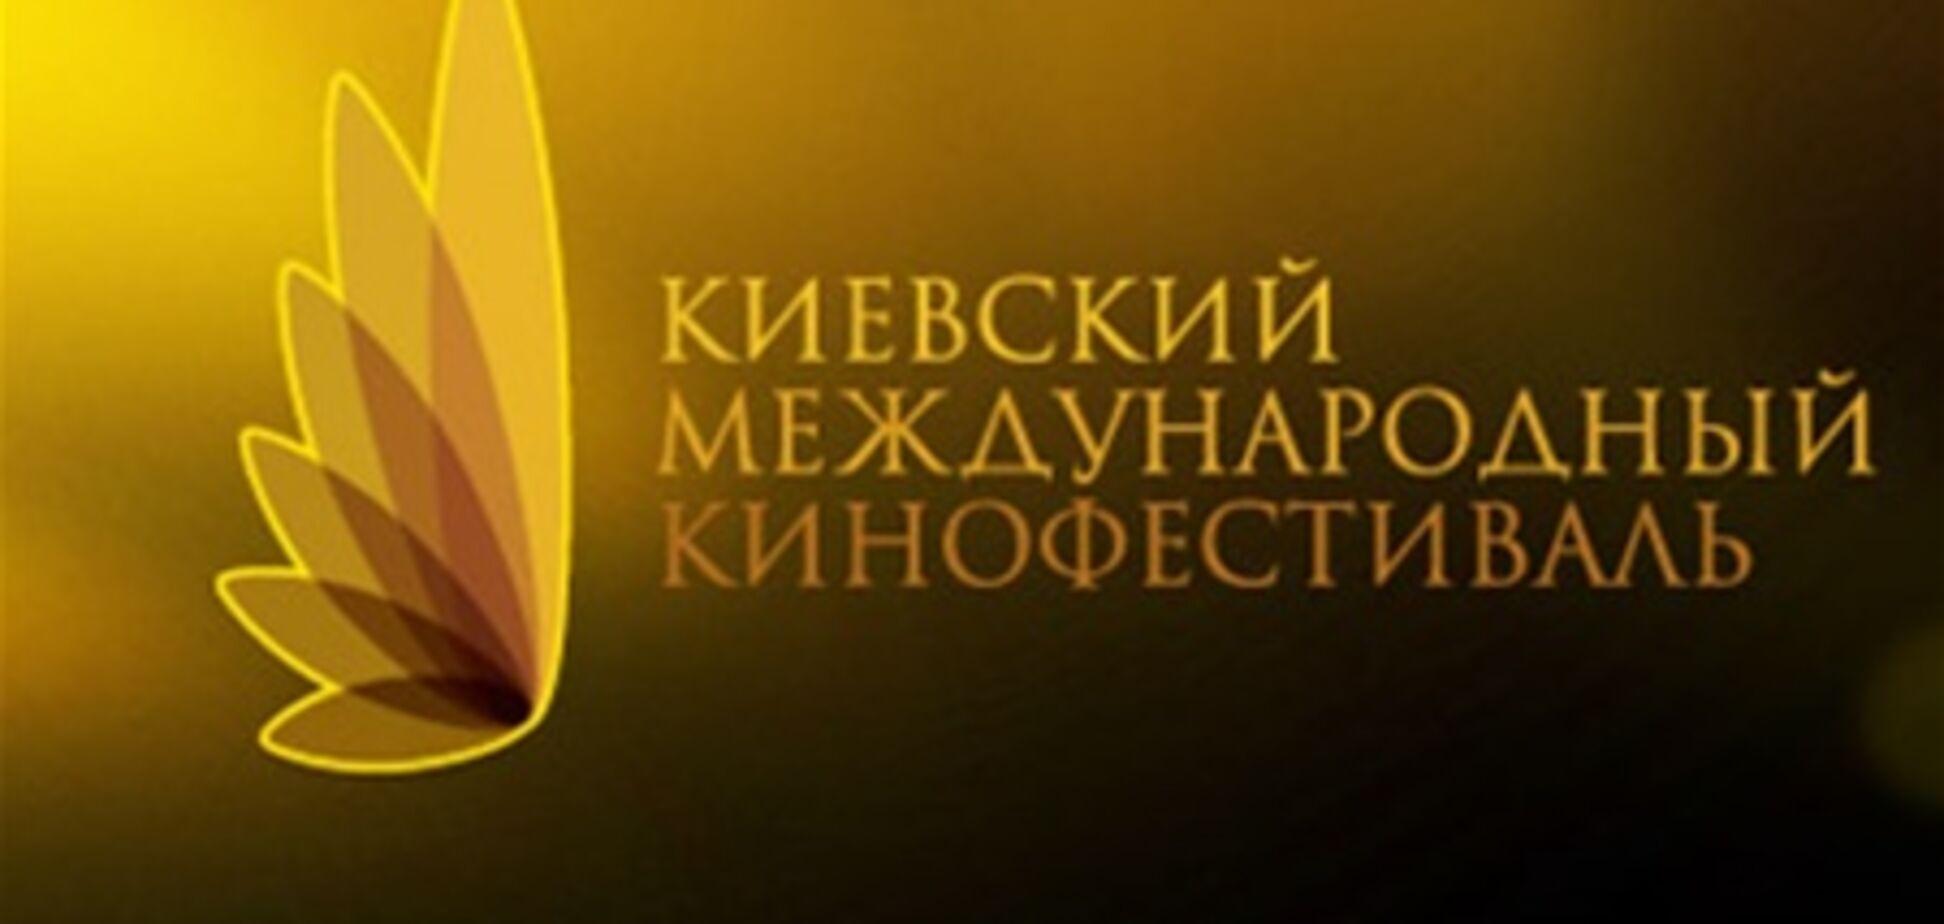 Федір Крат: Третій Київський міжнародний кінофестиваль стане музичним